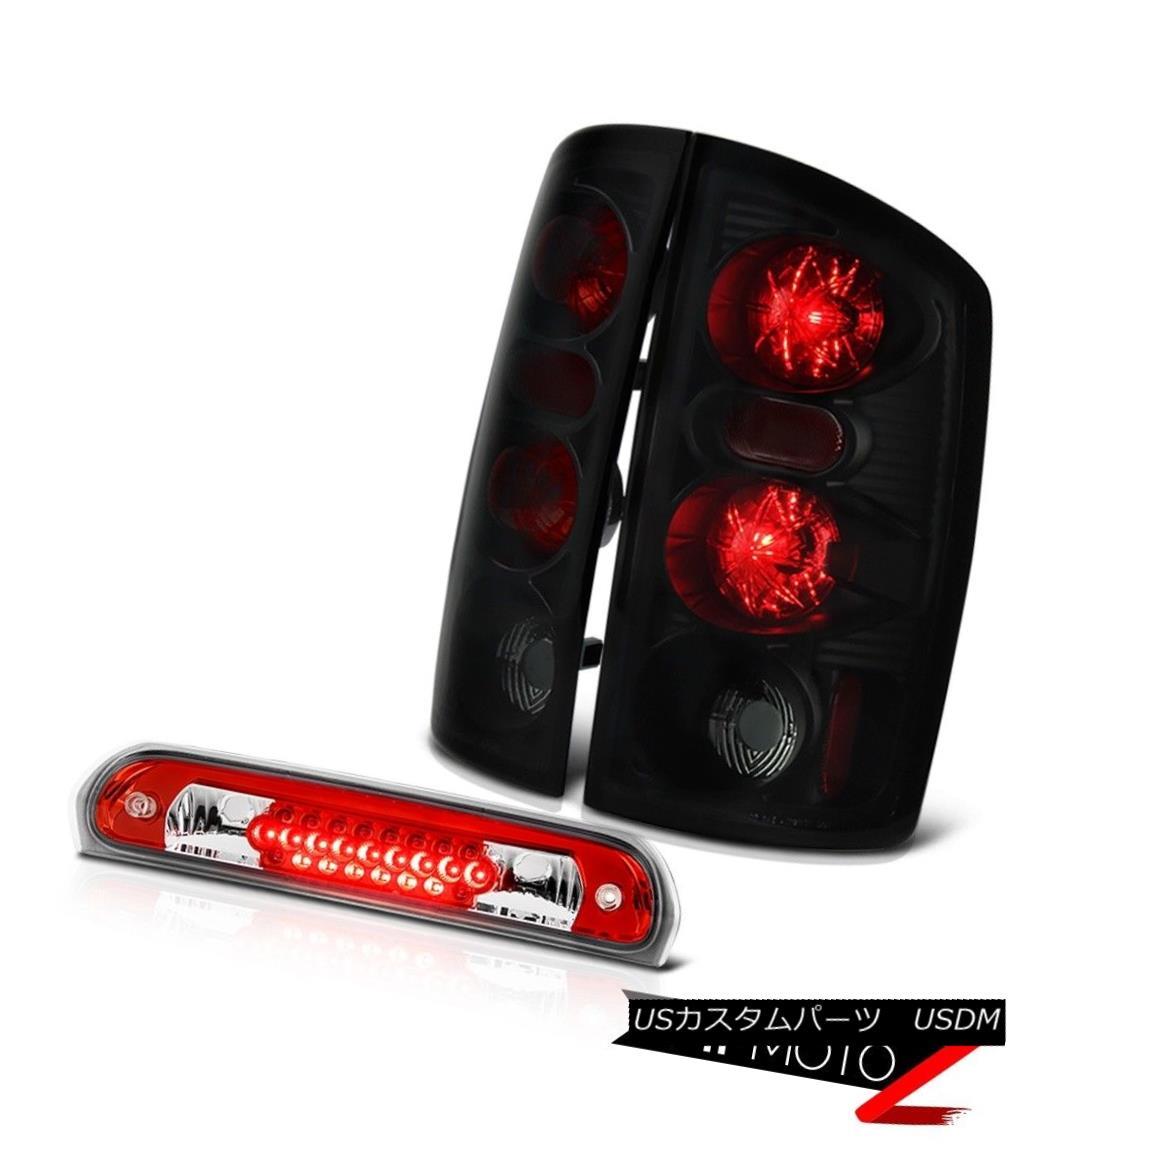 テールライト Sinister Black Tail Lamps Roof Third Brake LED Red Cargo 2006 Dodge Ram Hemi Sinister Blackテールランプ屋根第3ブレーキLED Red Cargo 2006 Dodge Ram Hemi